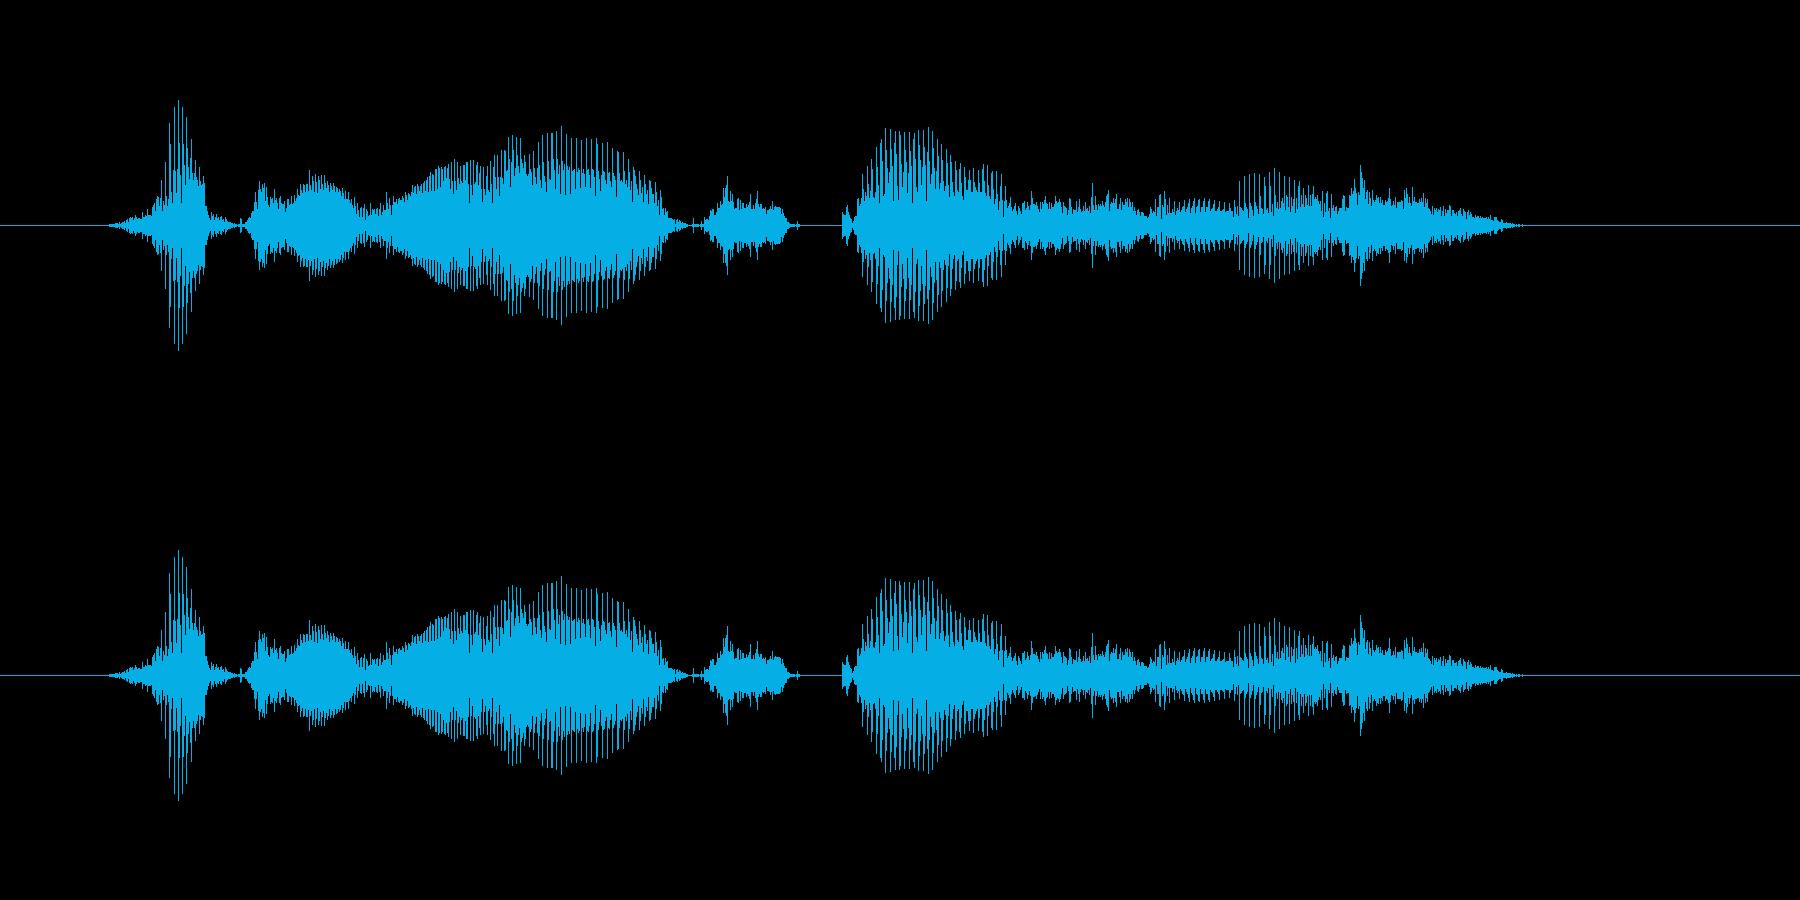 【時報・時間】8時をお伝えしますの再生済みの波形